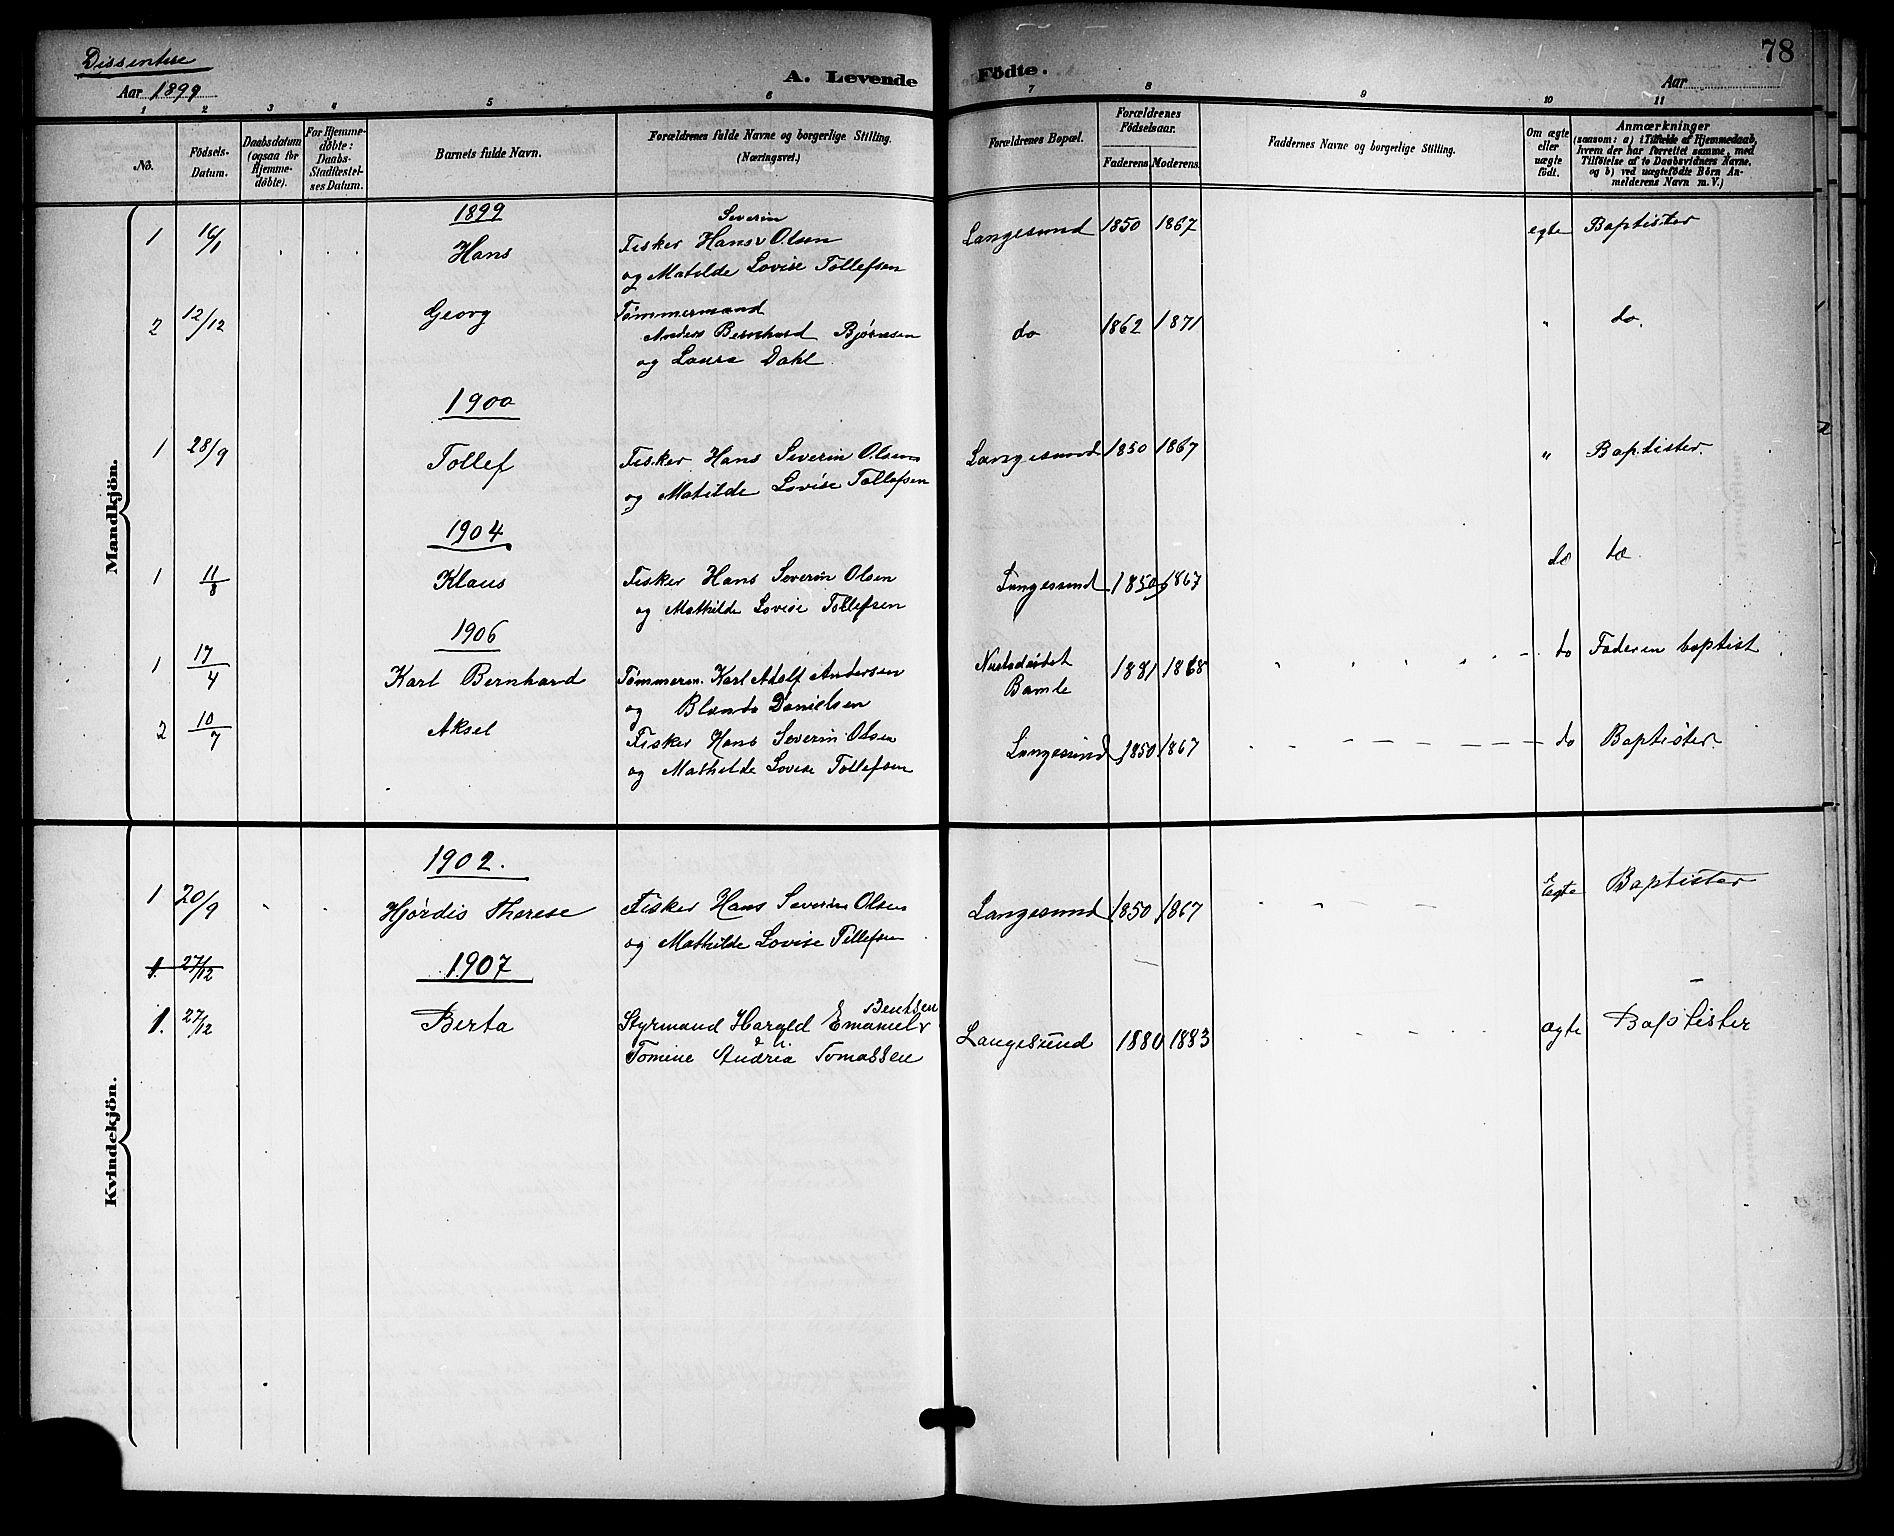 SAKO, Langesund kirkebøker, G/Ga/L0006: Klokkerbok nr. 6, 1899-1918, s. 78